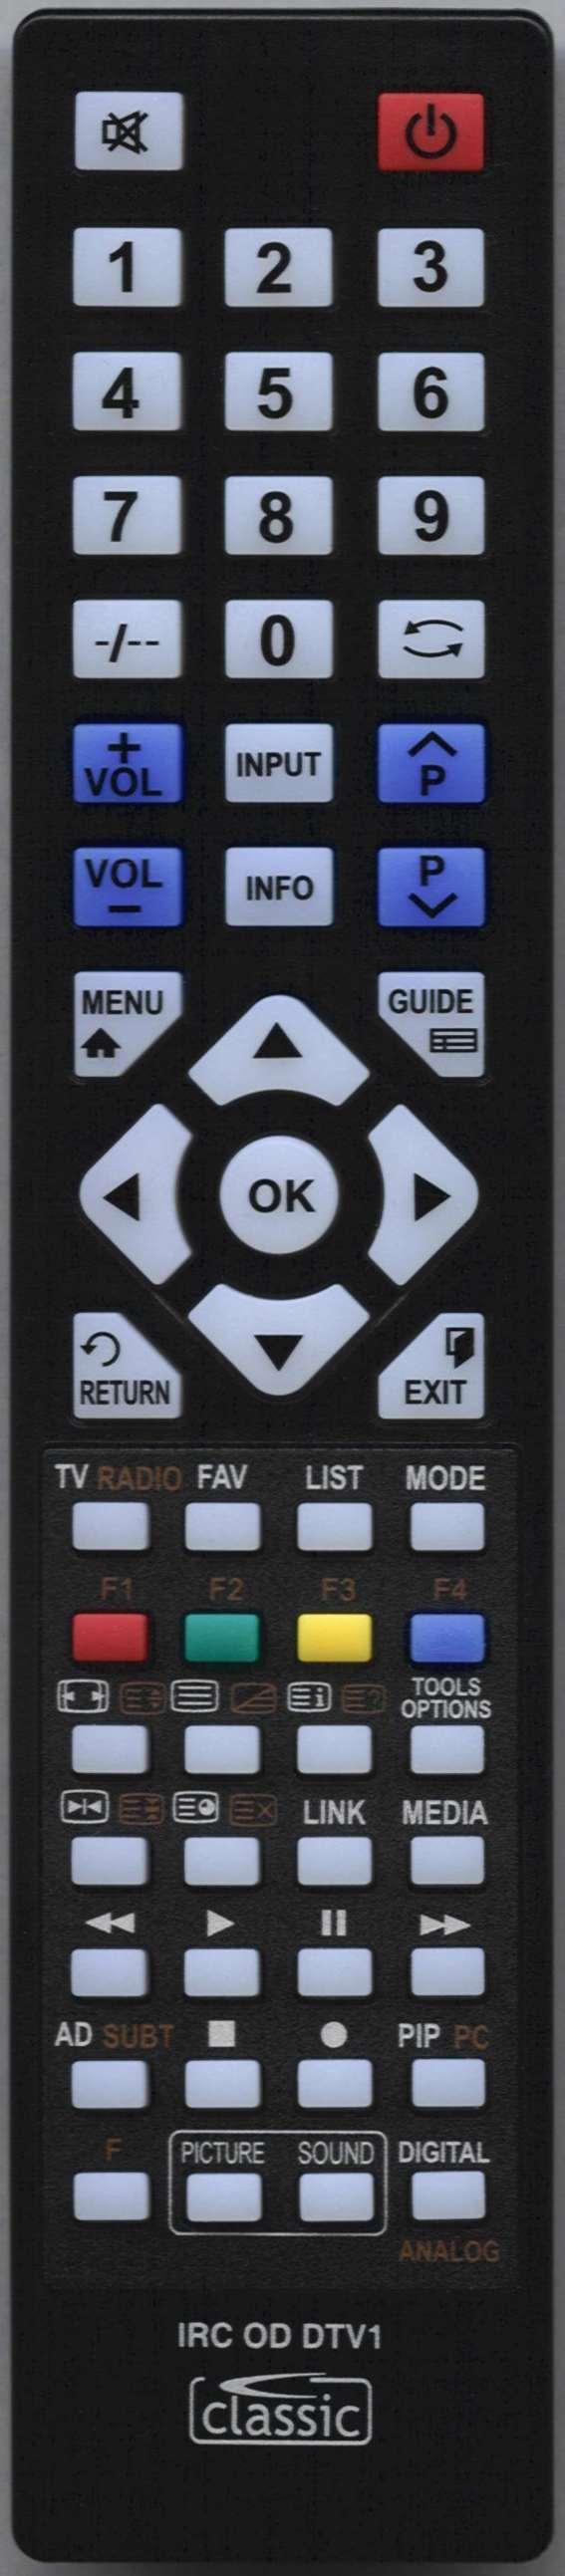 Cello C22230F-LED Remote Control Alternative